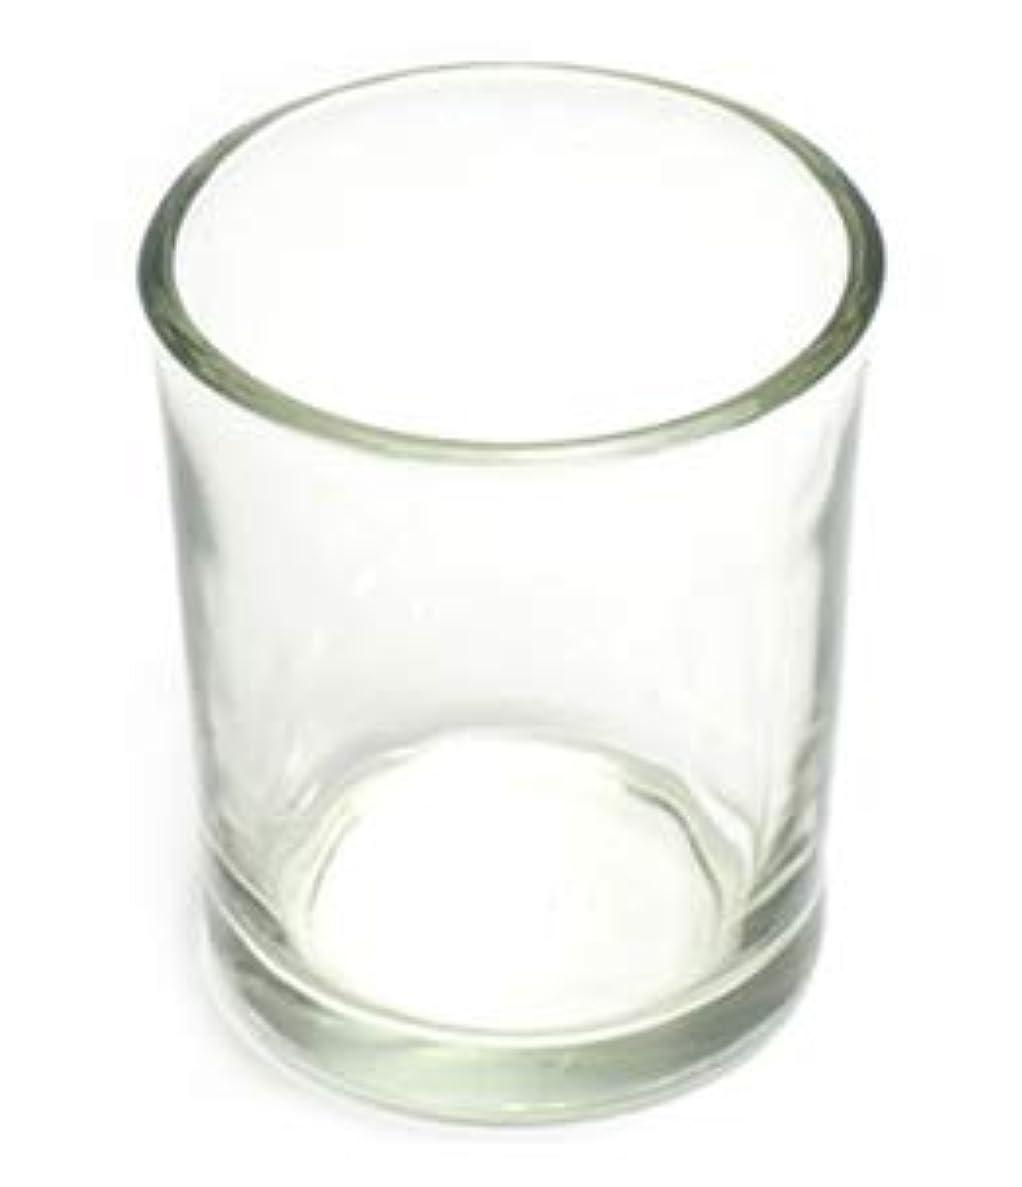 中世の異議読みやすさキャンドルホルダー ガラス シンプル[小] 1個 キャンドルスタンド 透明 クリア おしゃれ ろうそく立て